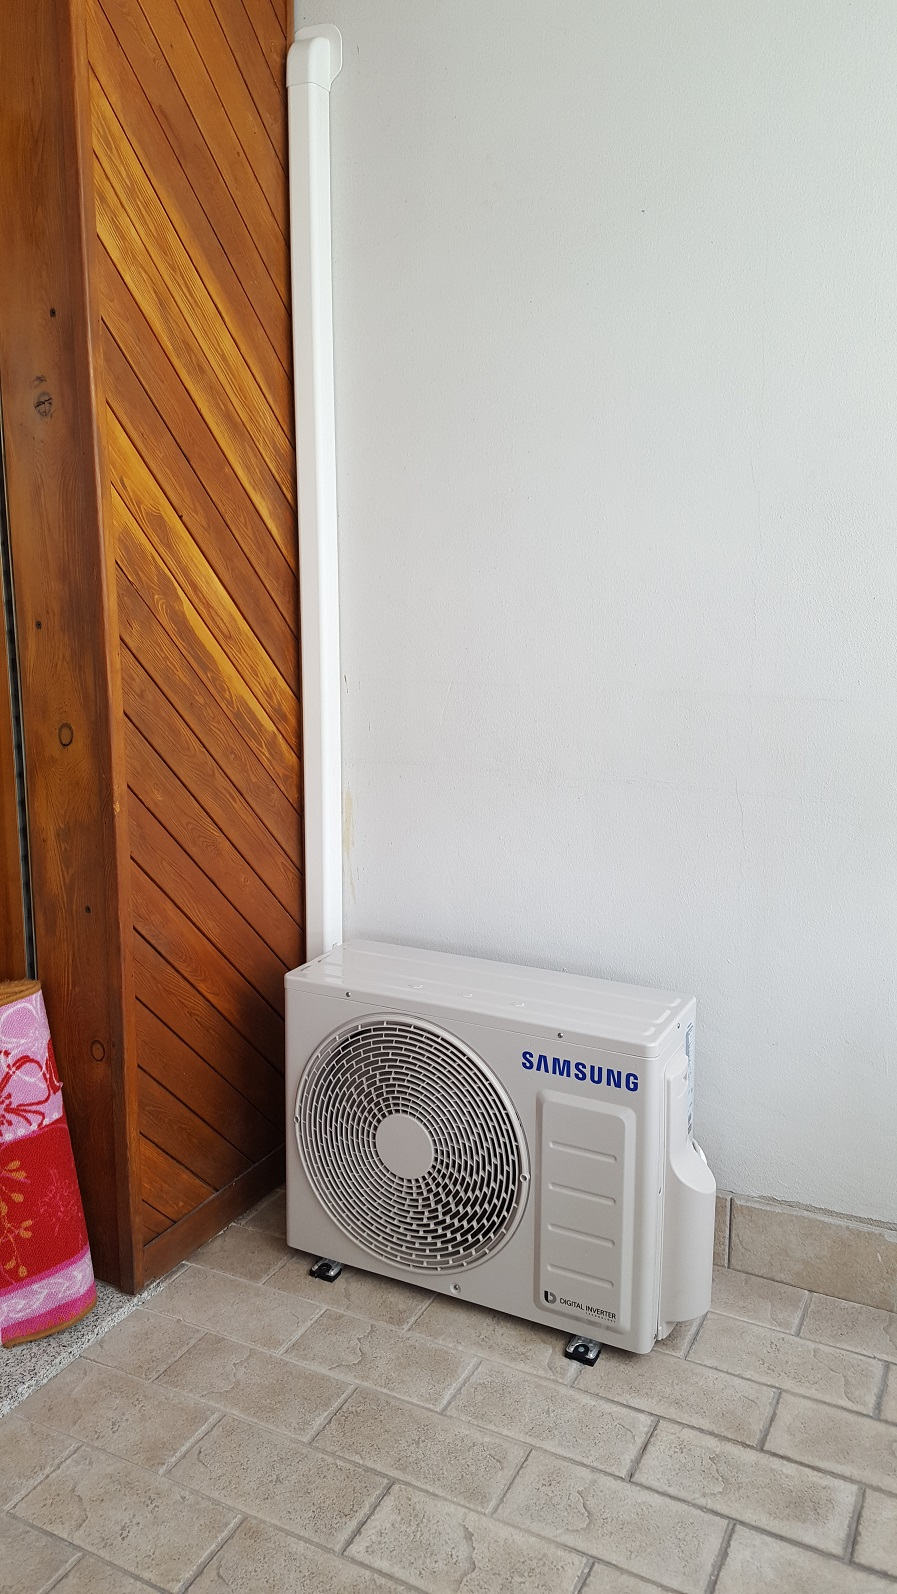 Impianto Condizionamento Samsung Windfree